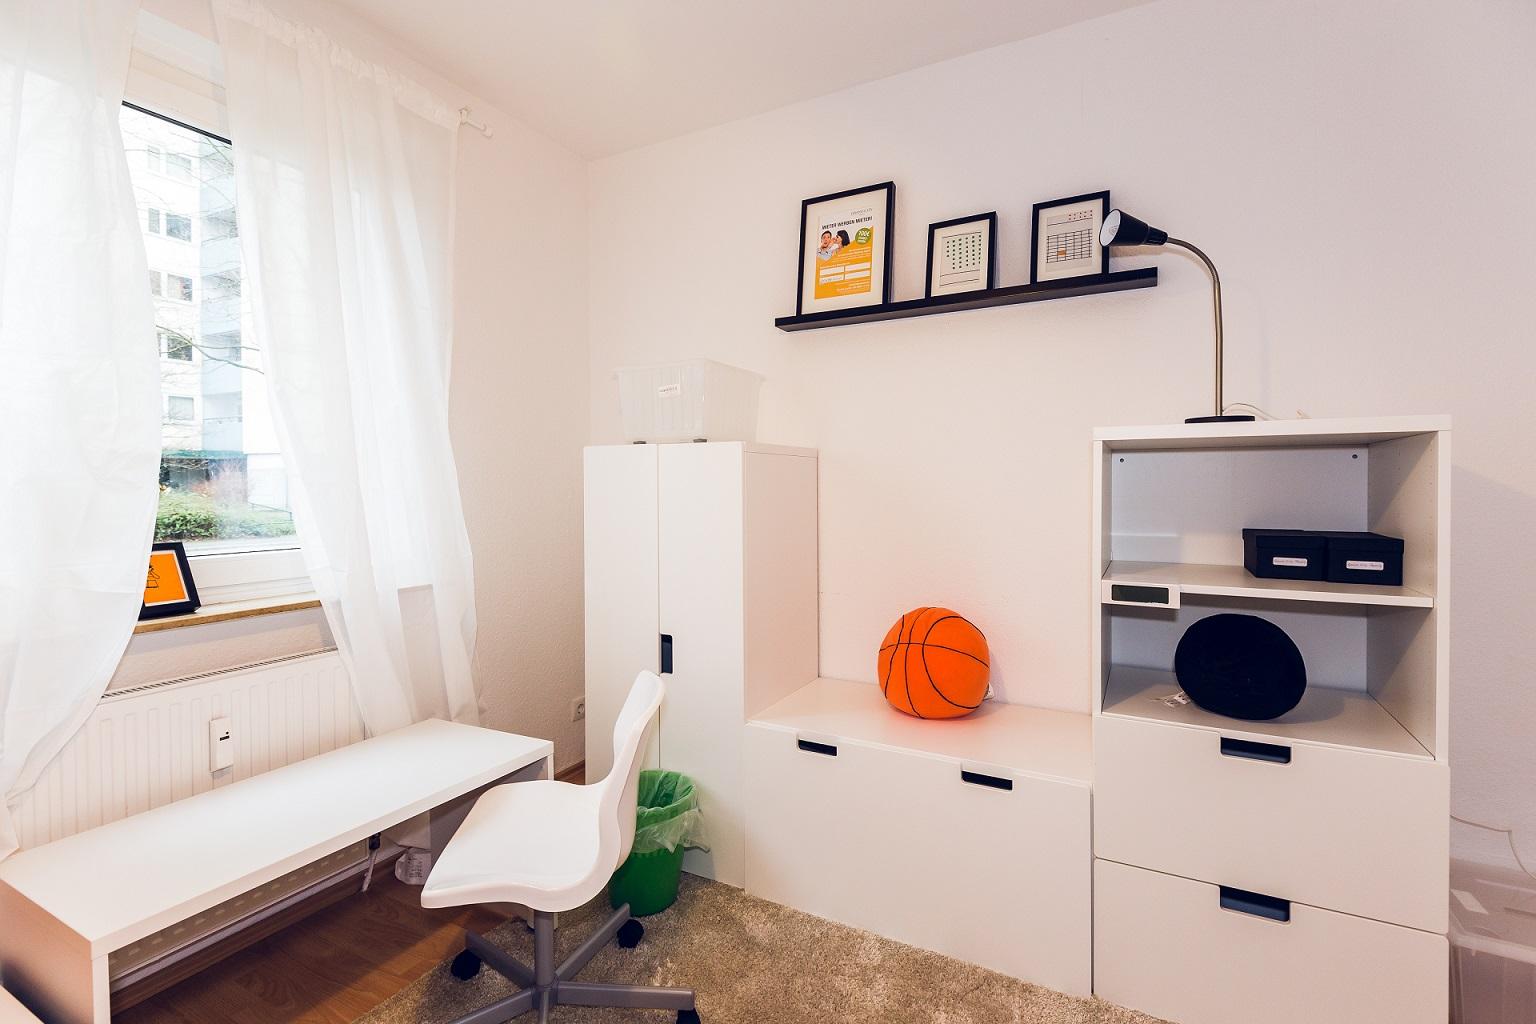 Wohnung In freie wohnungen in dresden wohnungssuche bei grand city property